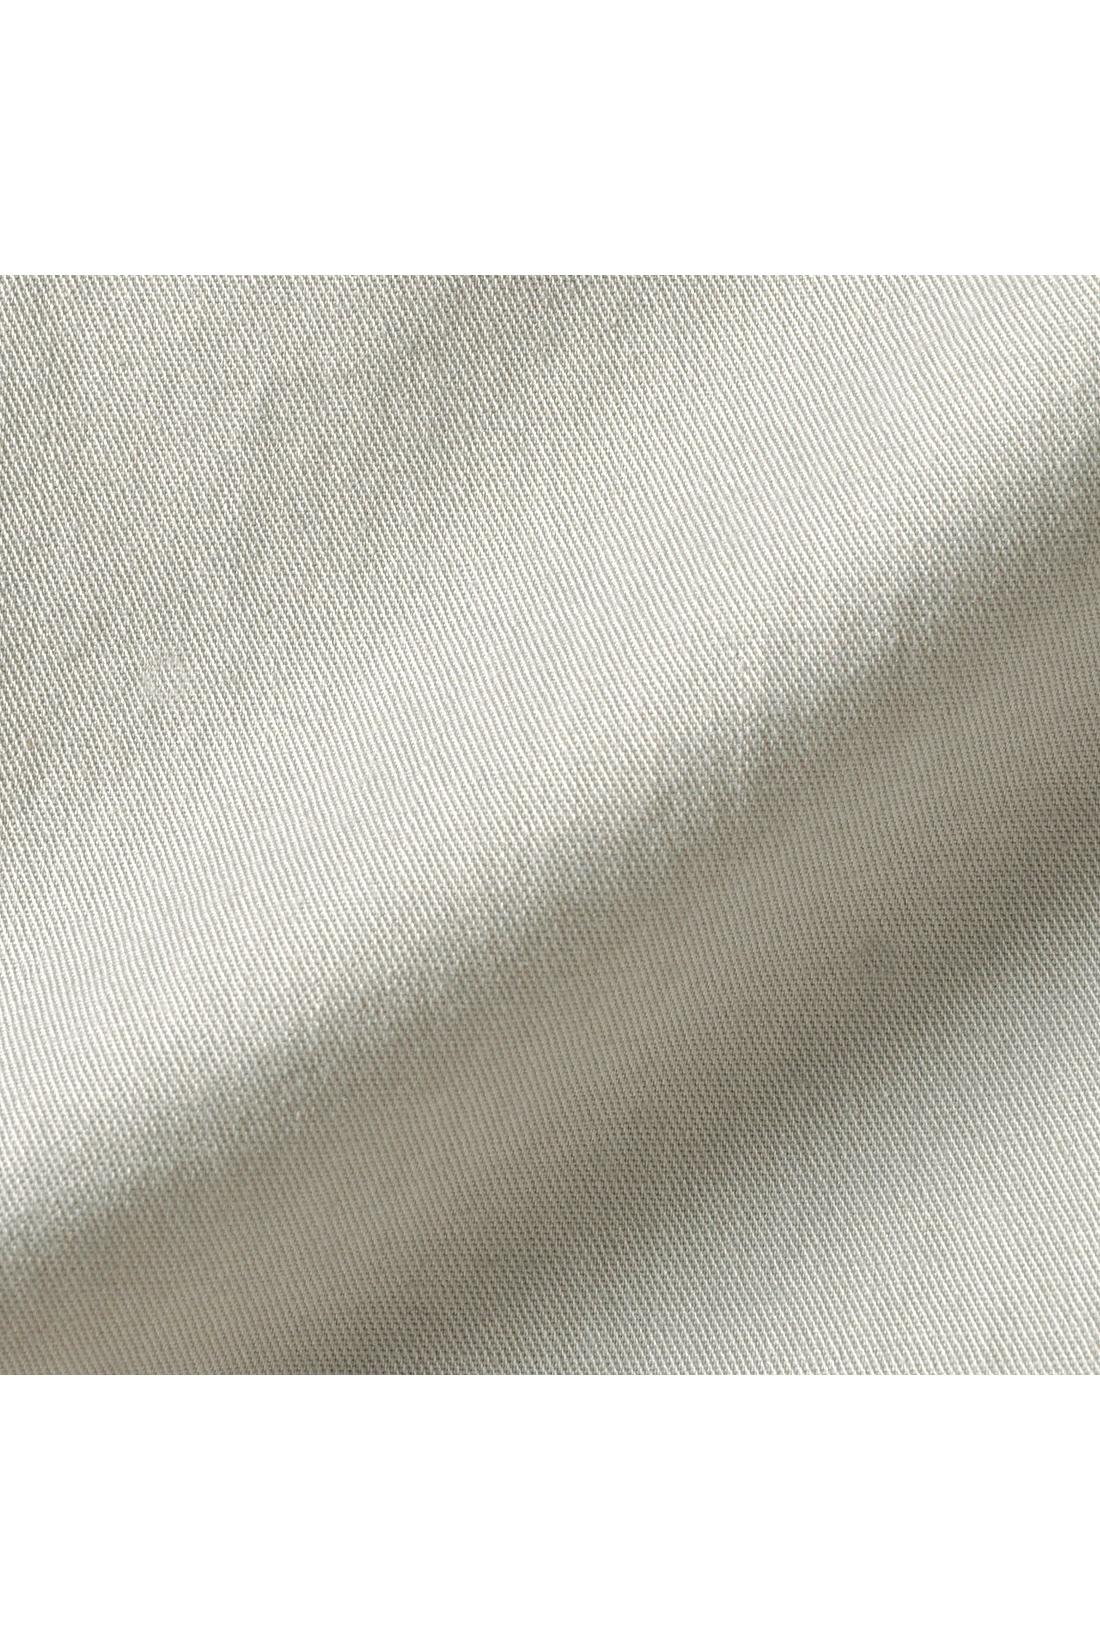 美しく染め上げられた絶妙なスモーキーカラーと上品な艶感は、ポリウレタン混で高密度に織られたスペシャルなコットン素材ならでは。伸びやかで動きやすいストレッチ素材も魅力です。